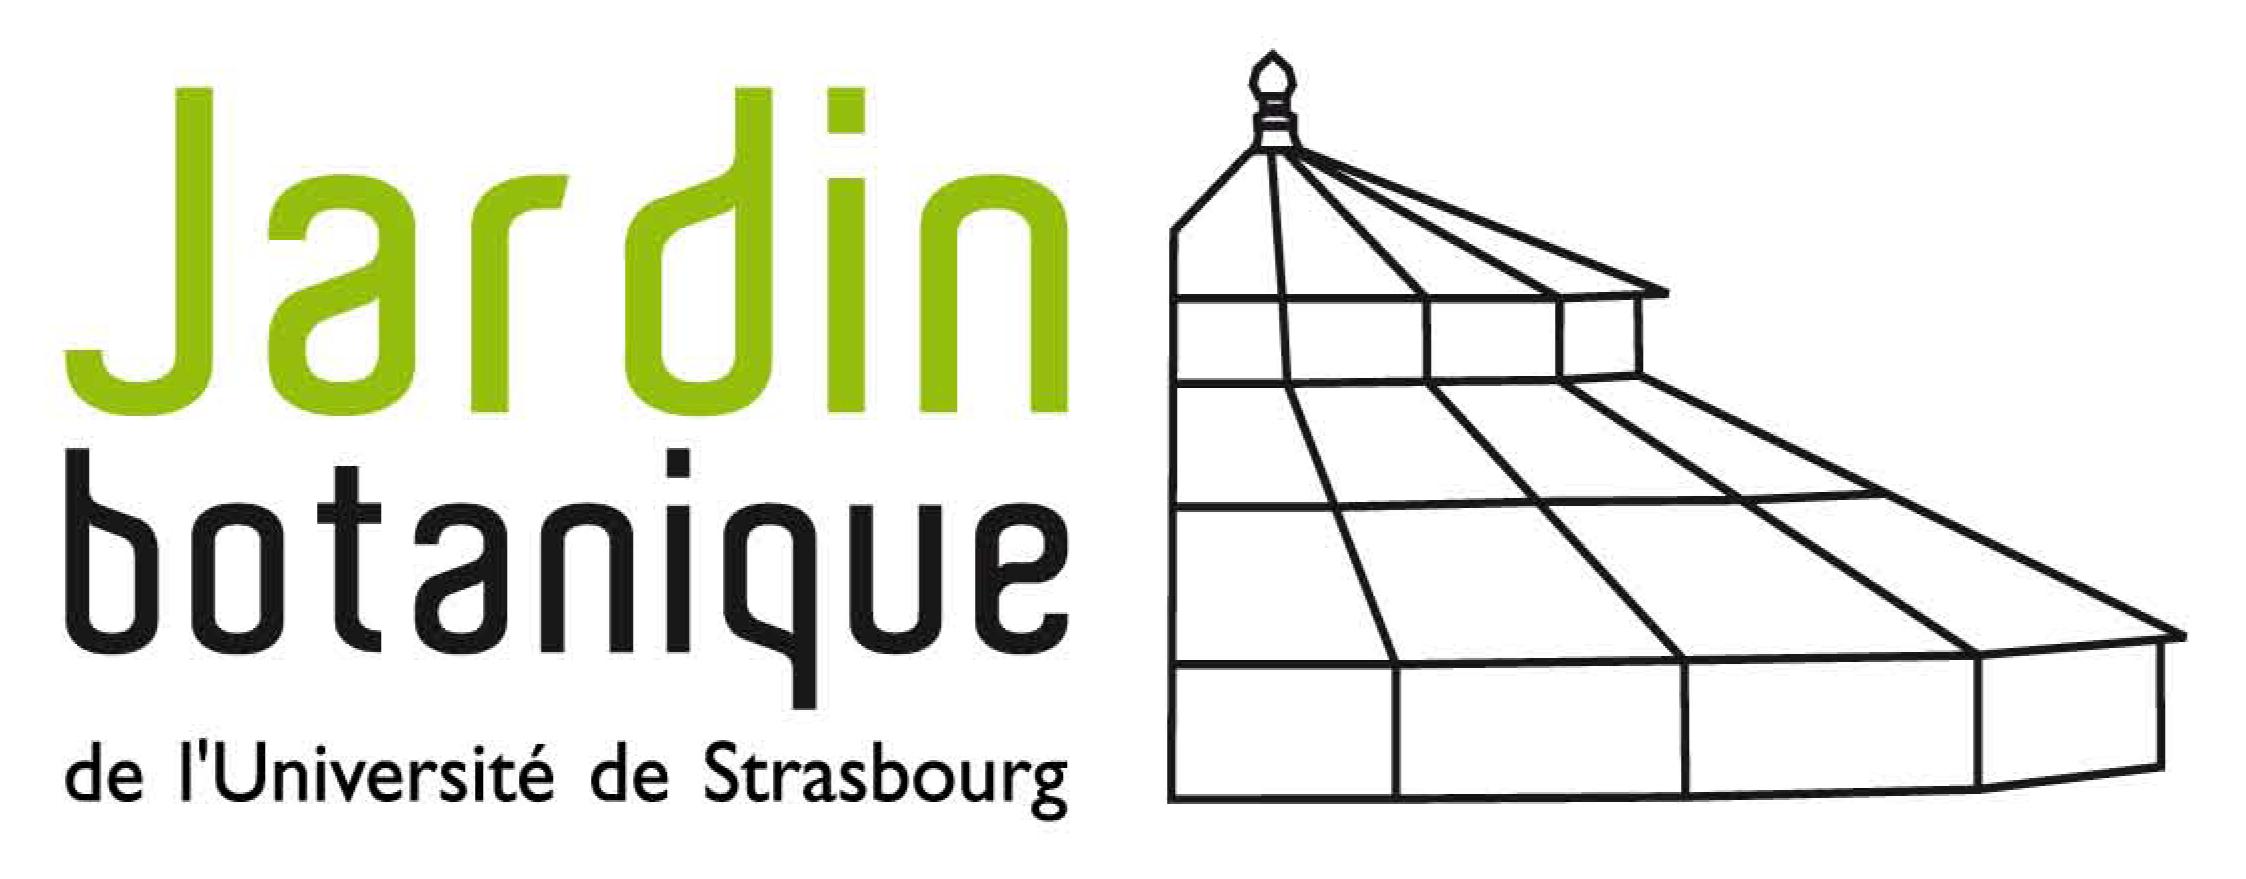 Fichier:logo jardin botanique strasbourg